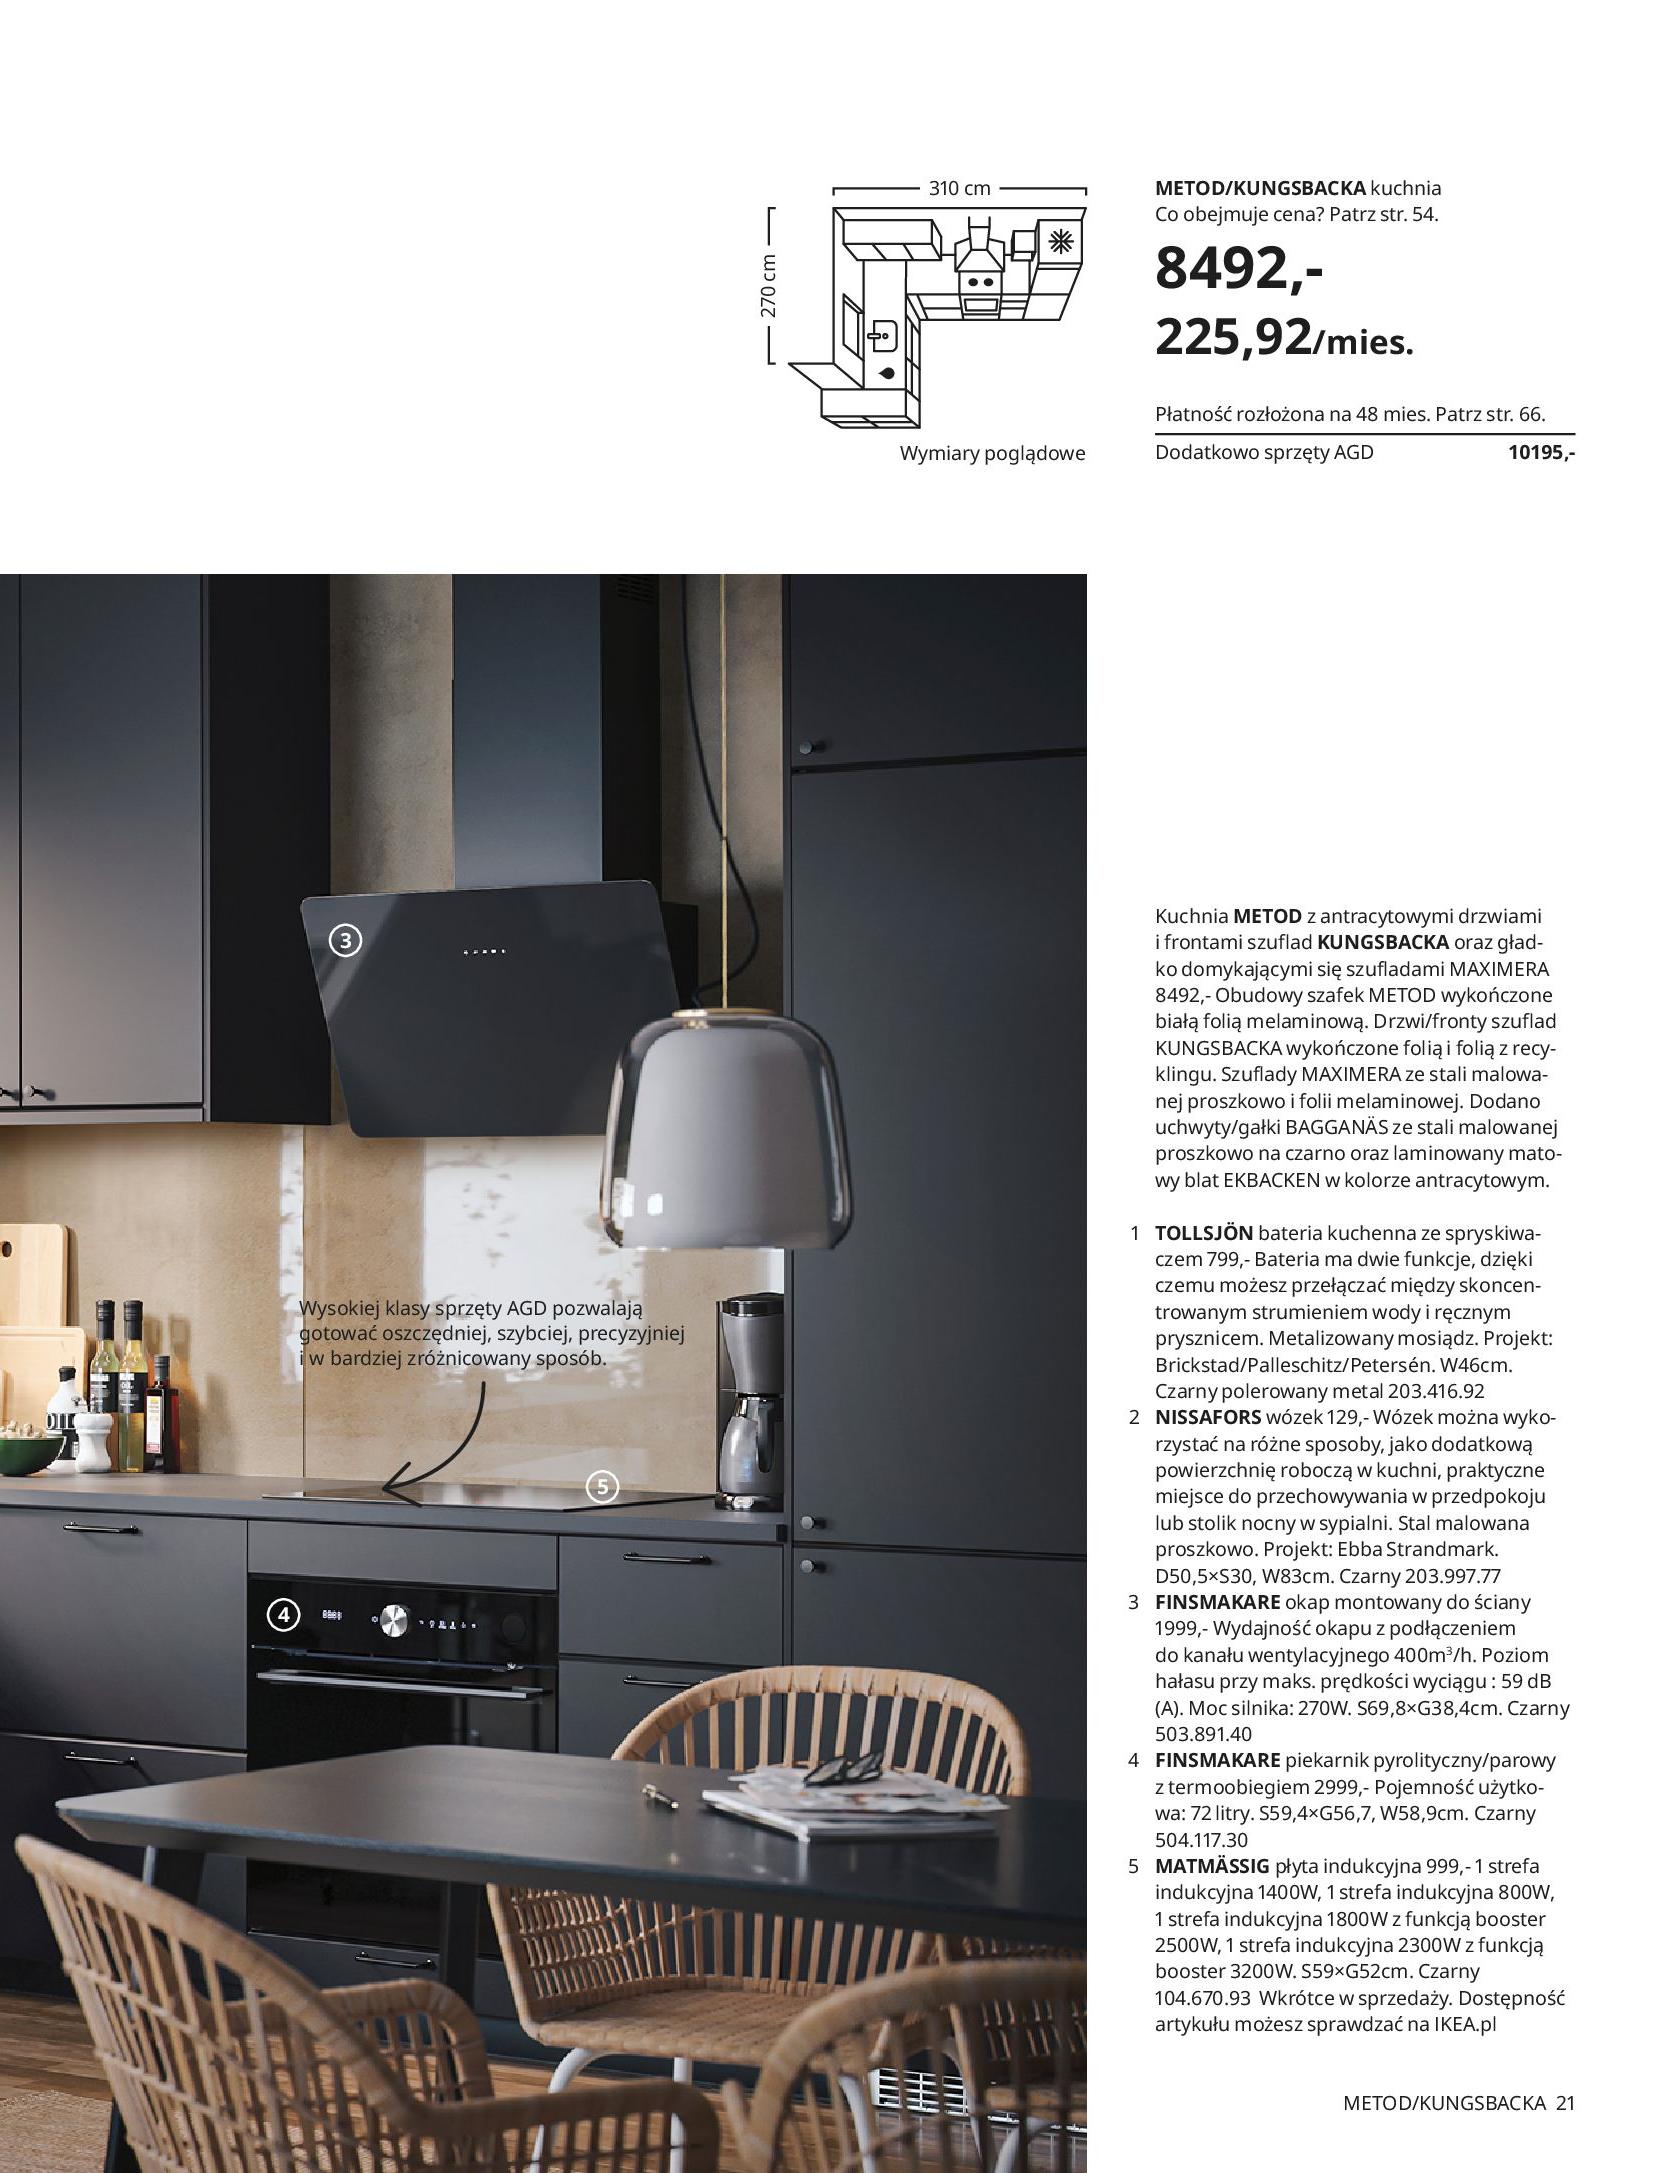 Gazetka IKEA: KUCHNIE 2021 2021-01-13 page-21